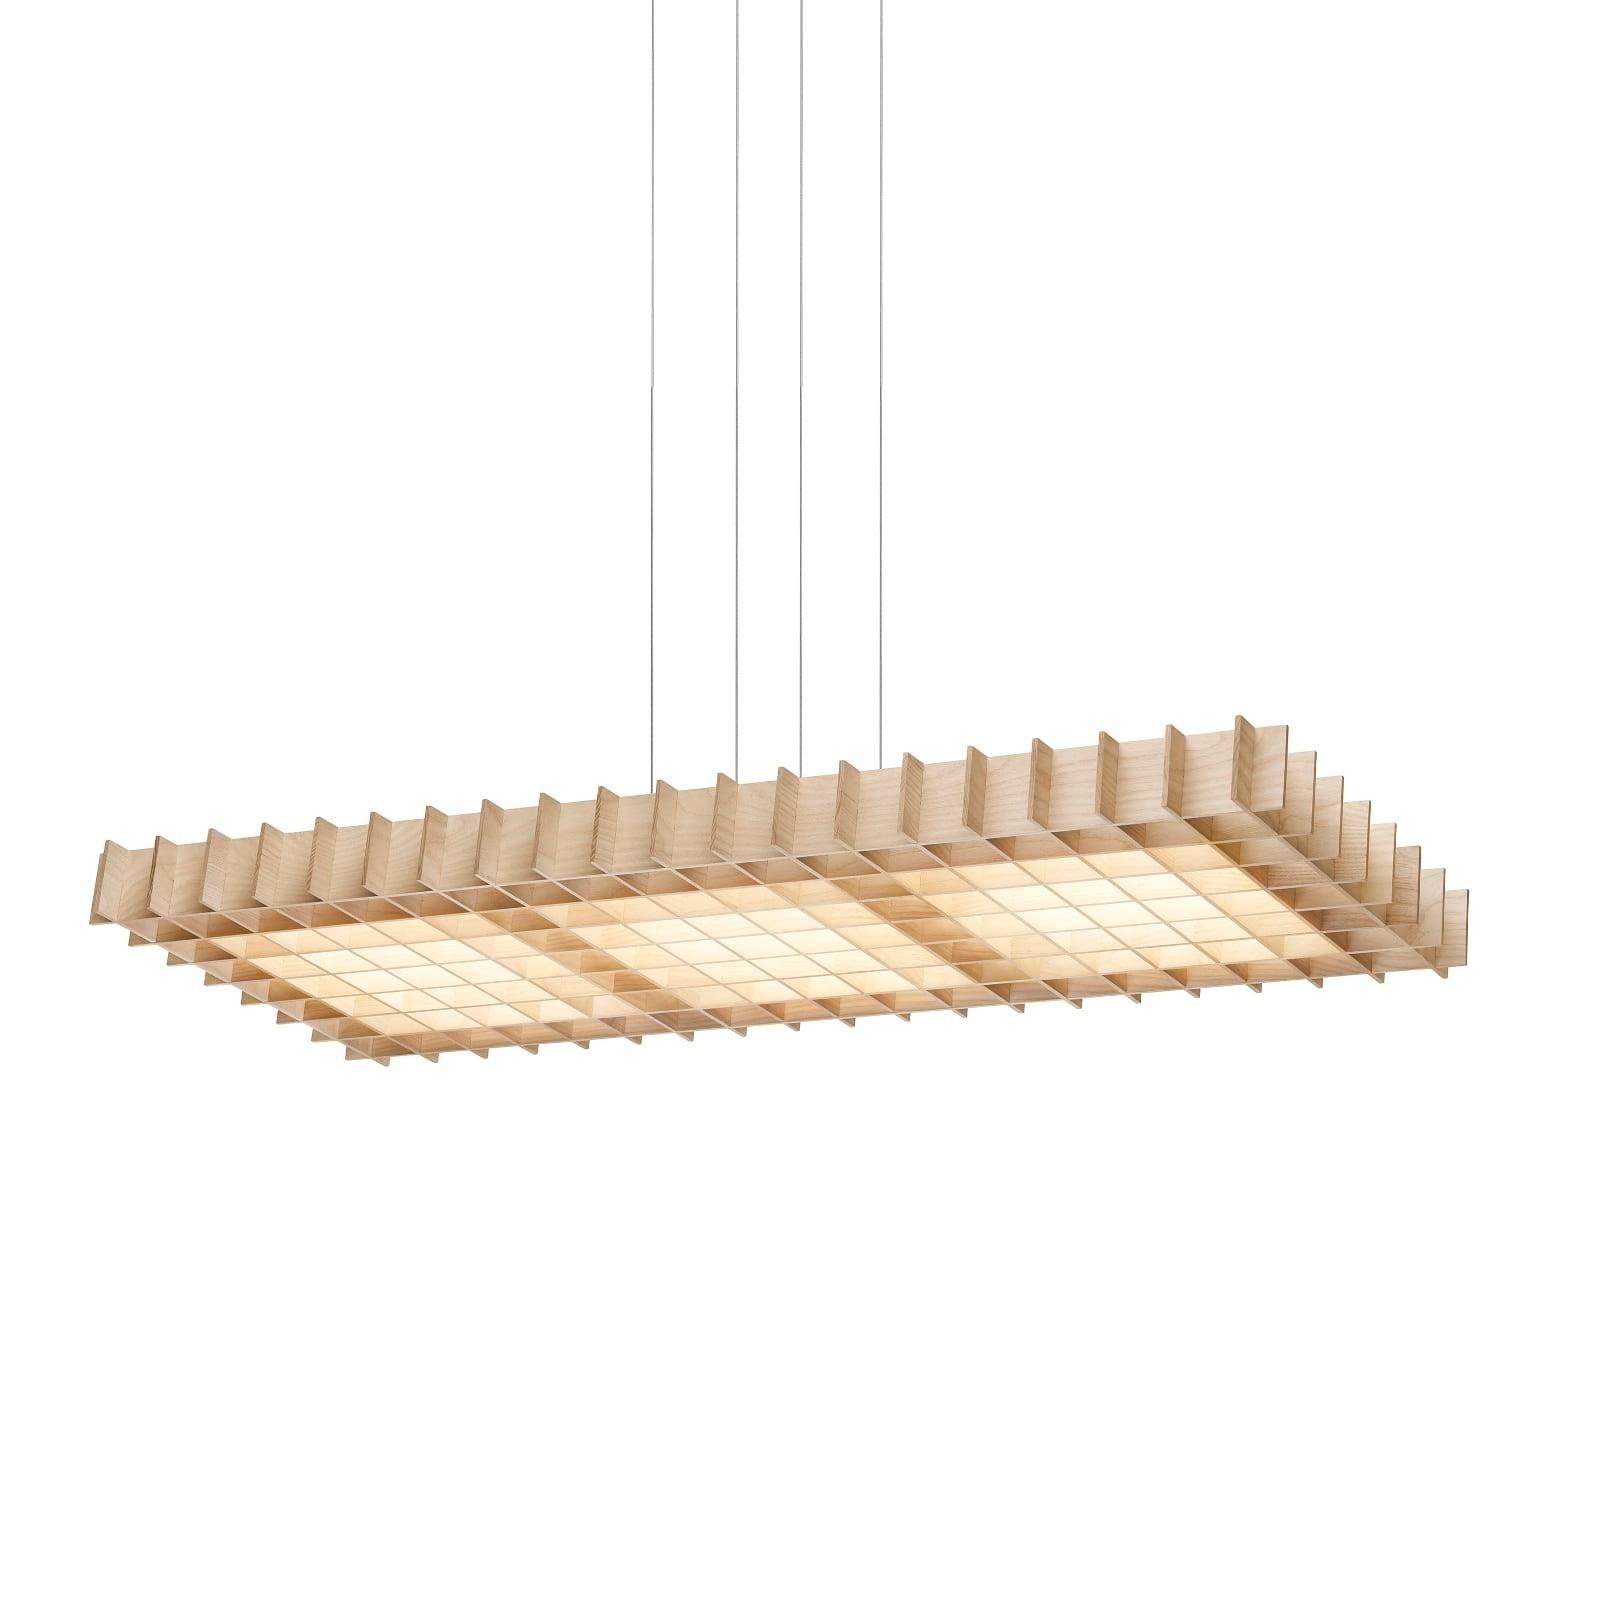 LED Φωτιστικό Οροφής Grid Τριπλό (Φυσικό Ξύλο) - Pablo Designs